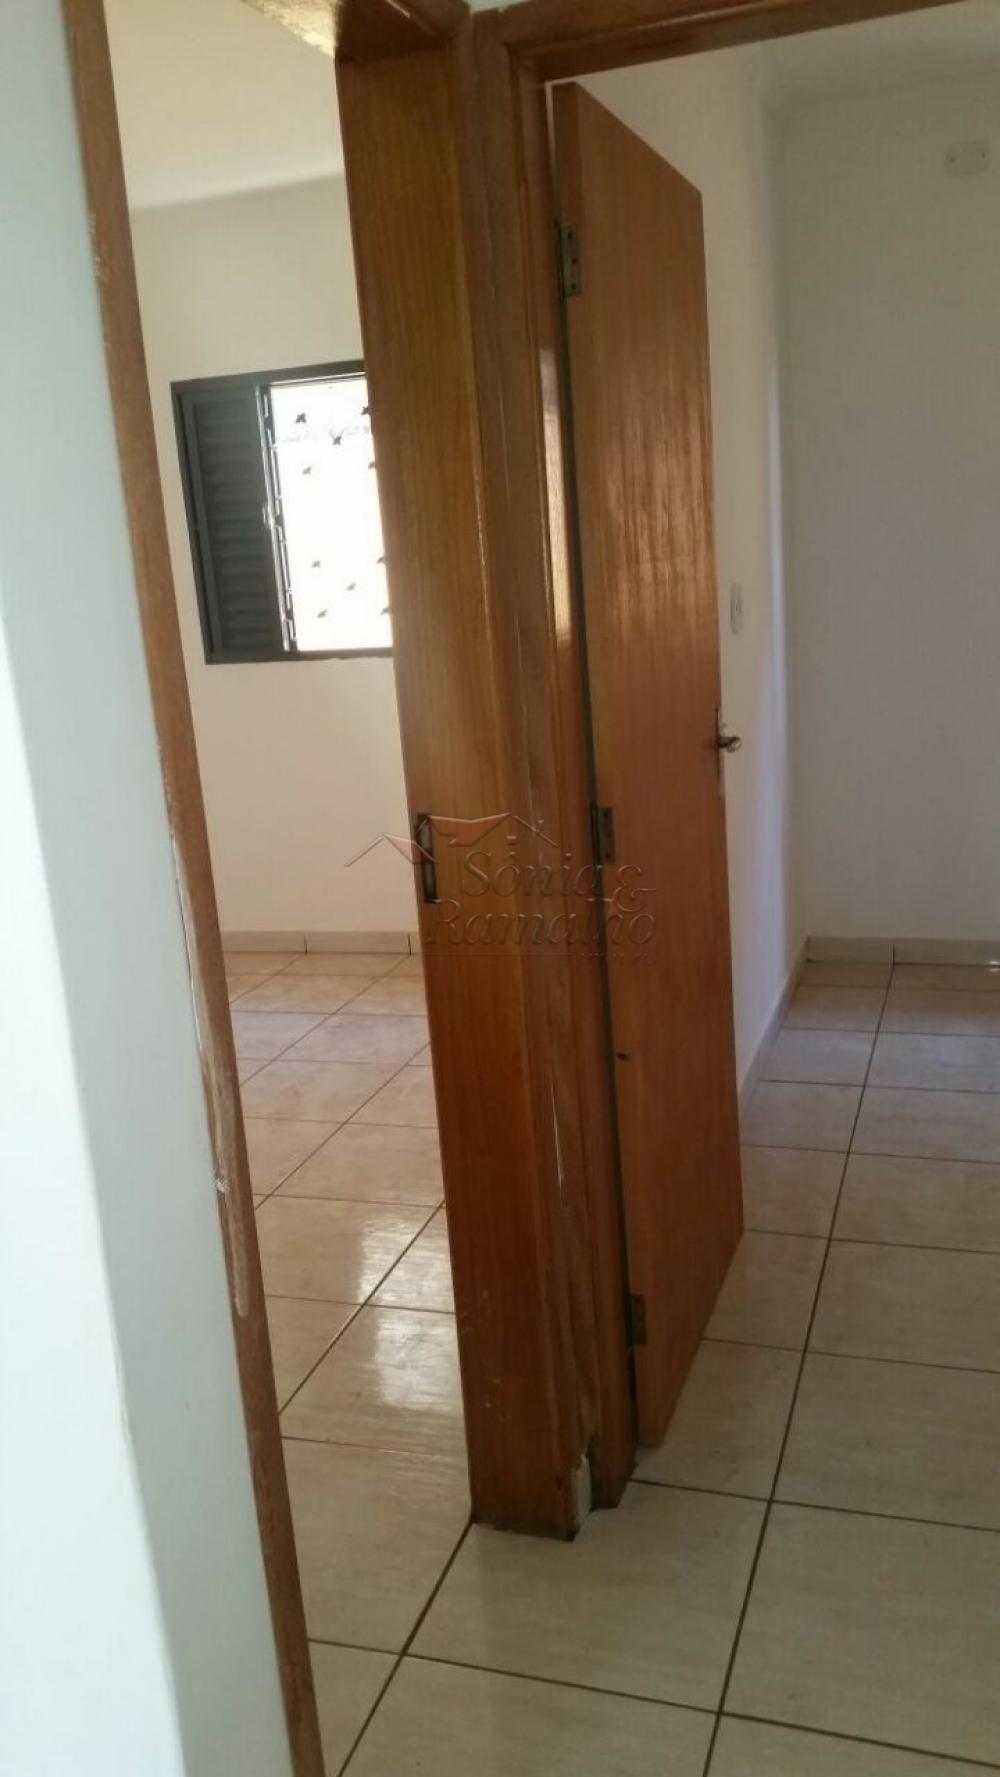 Alugar Casas / Condomínio em Ribeirão Preto apenas R$ 850,00 - Foto 3